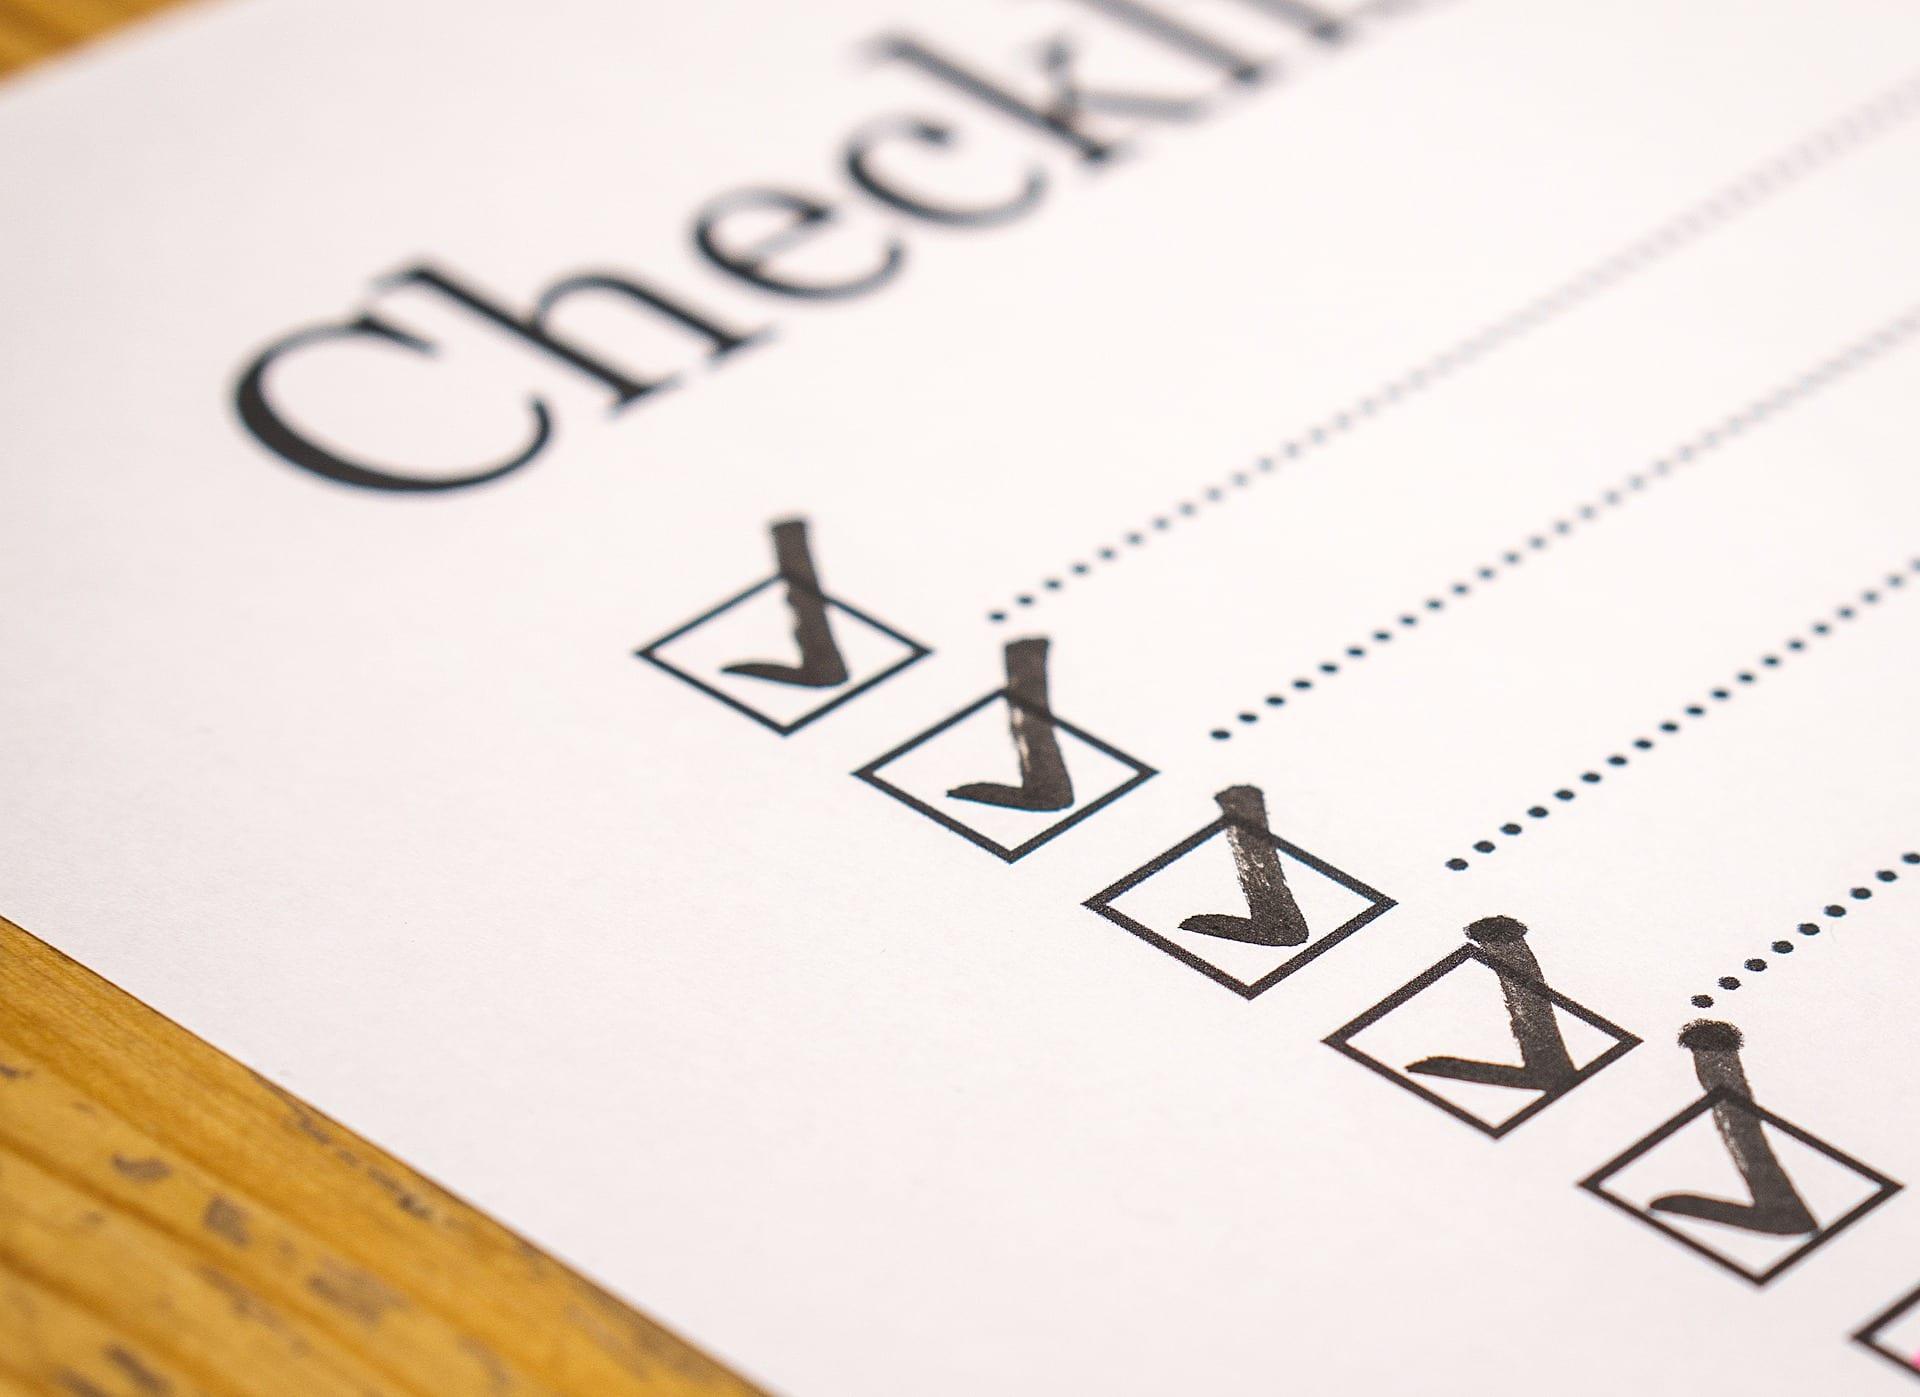 Что нужно сделать преподавателю, чтобы качественно подготовиться к уроку? Чек-лист.